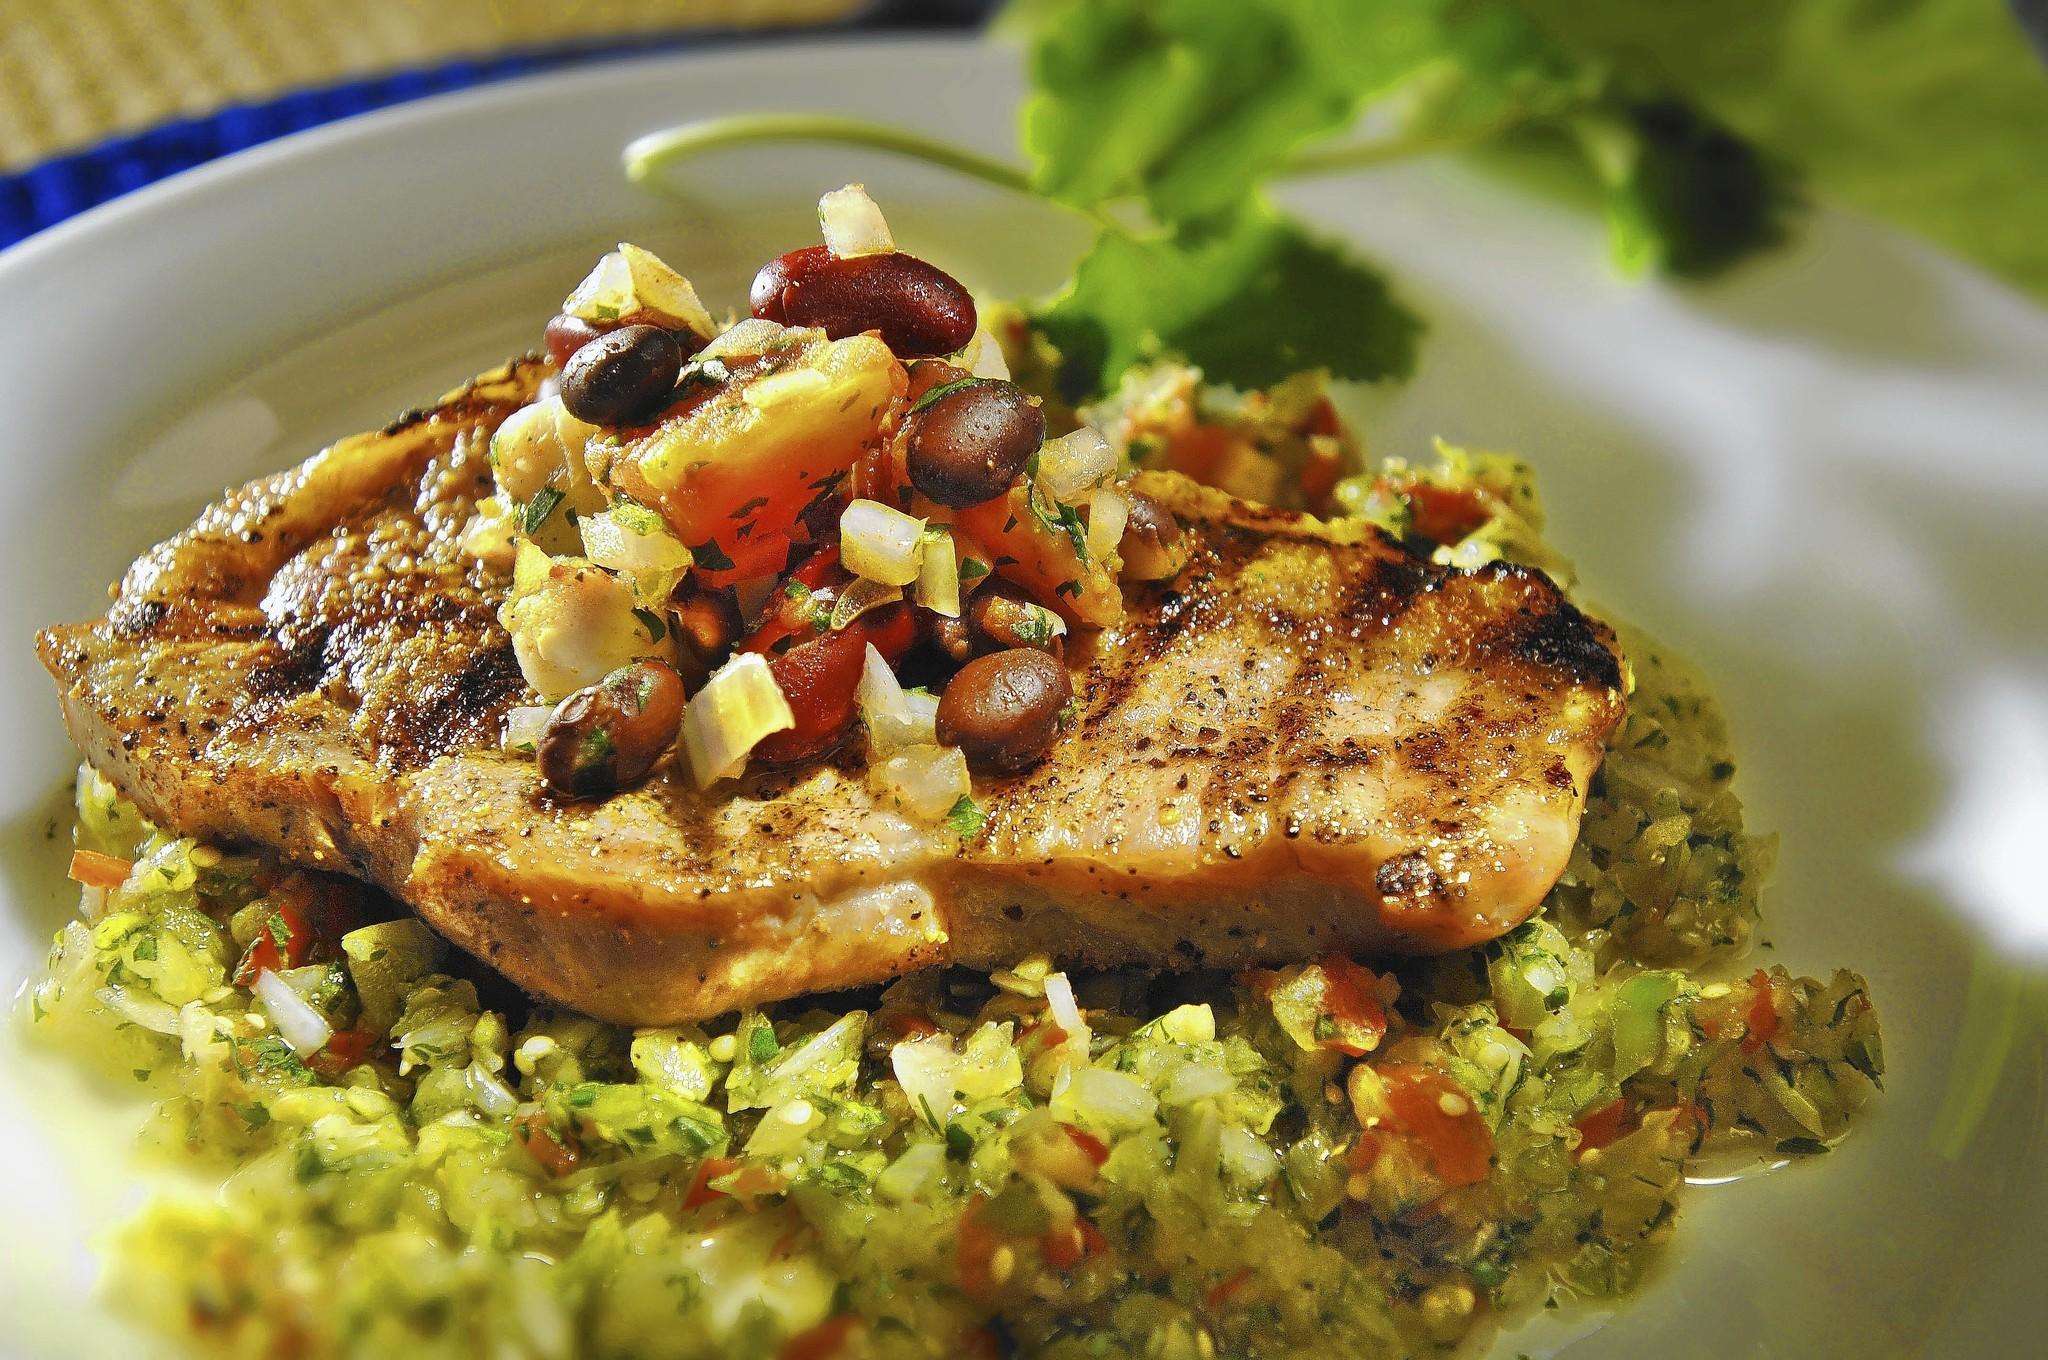 Cumin-crusted pork chops over green salsa recipe.